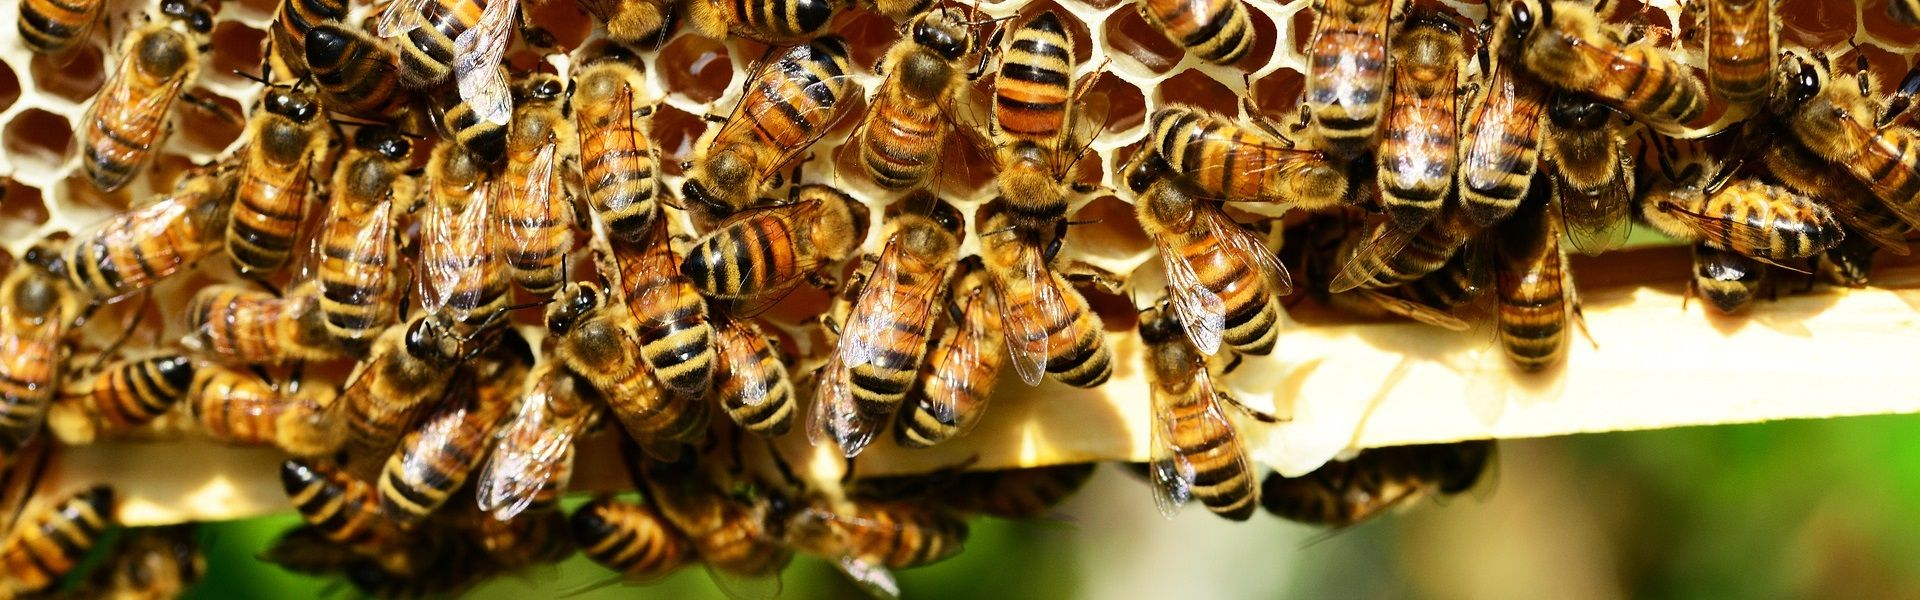 méhészet, méhészet Pécs, méhész, méhész Pécs, méz, méz Pécs, méz termelés, méz termelés Pécs